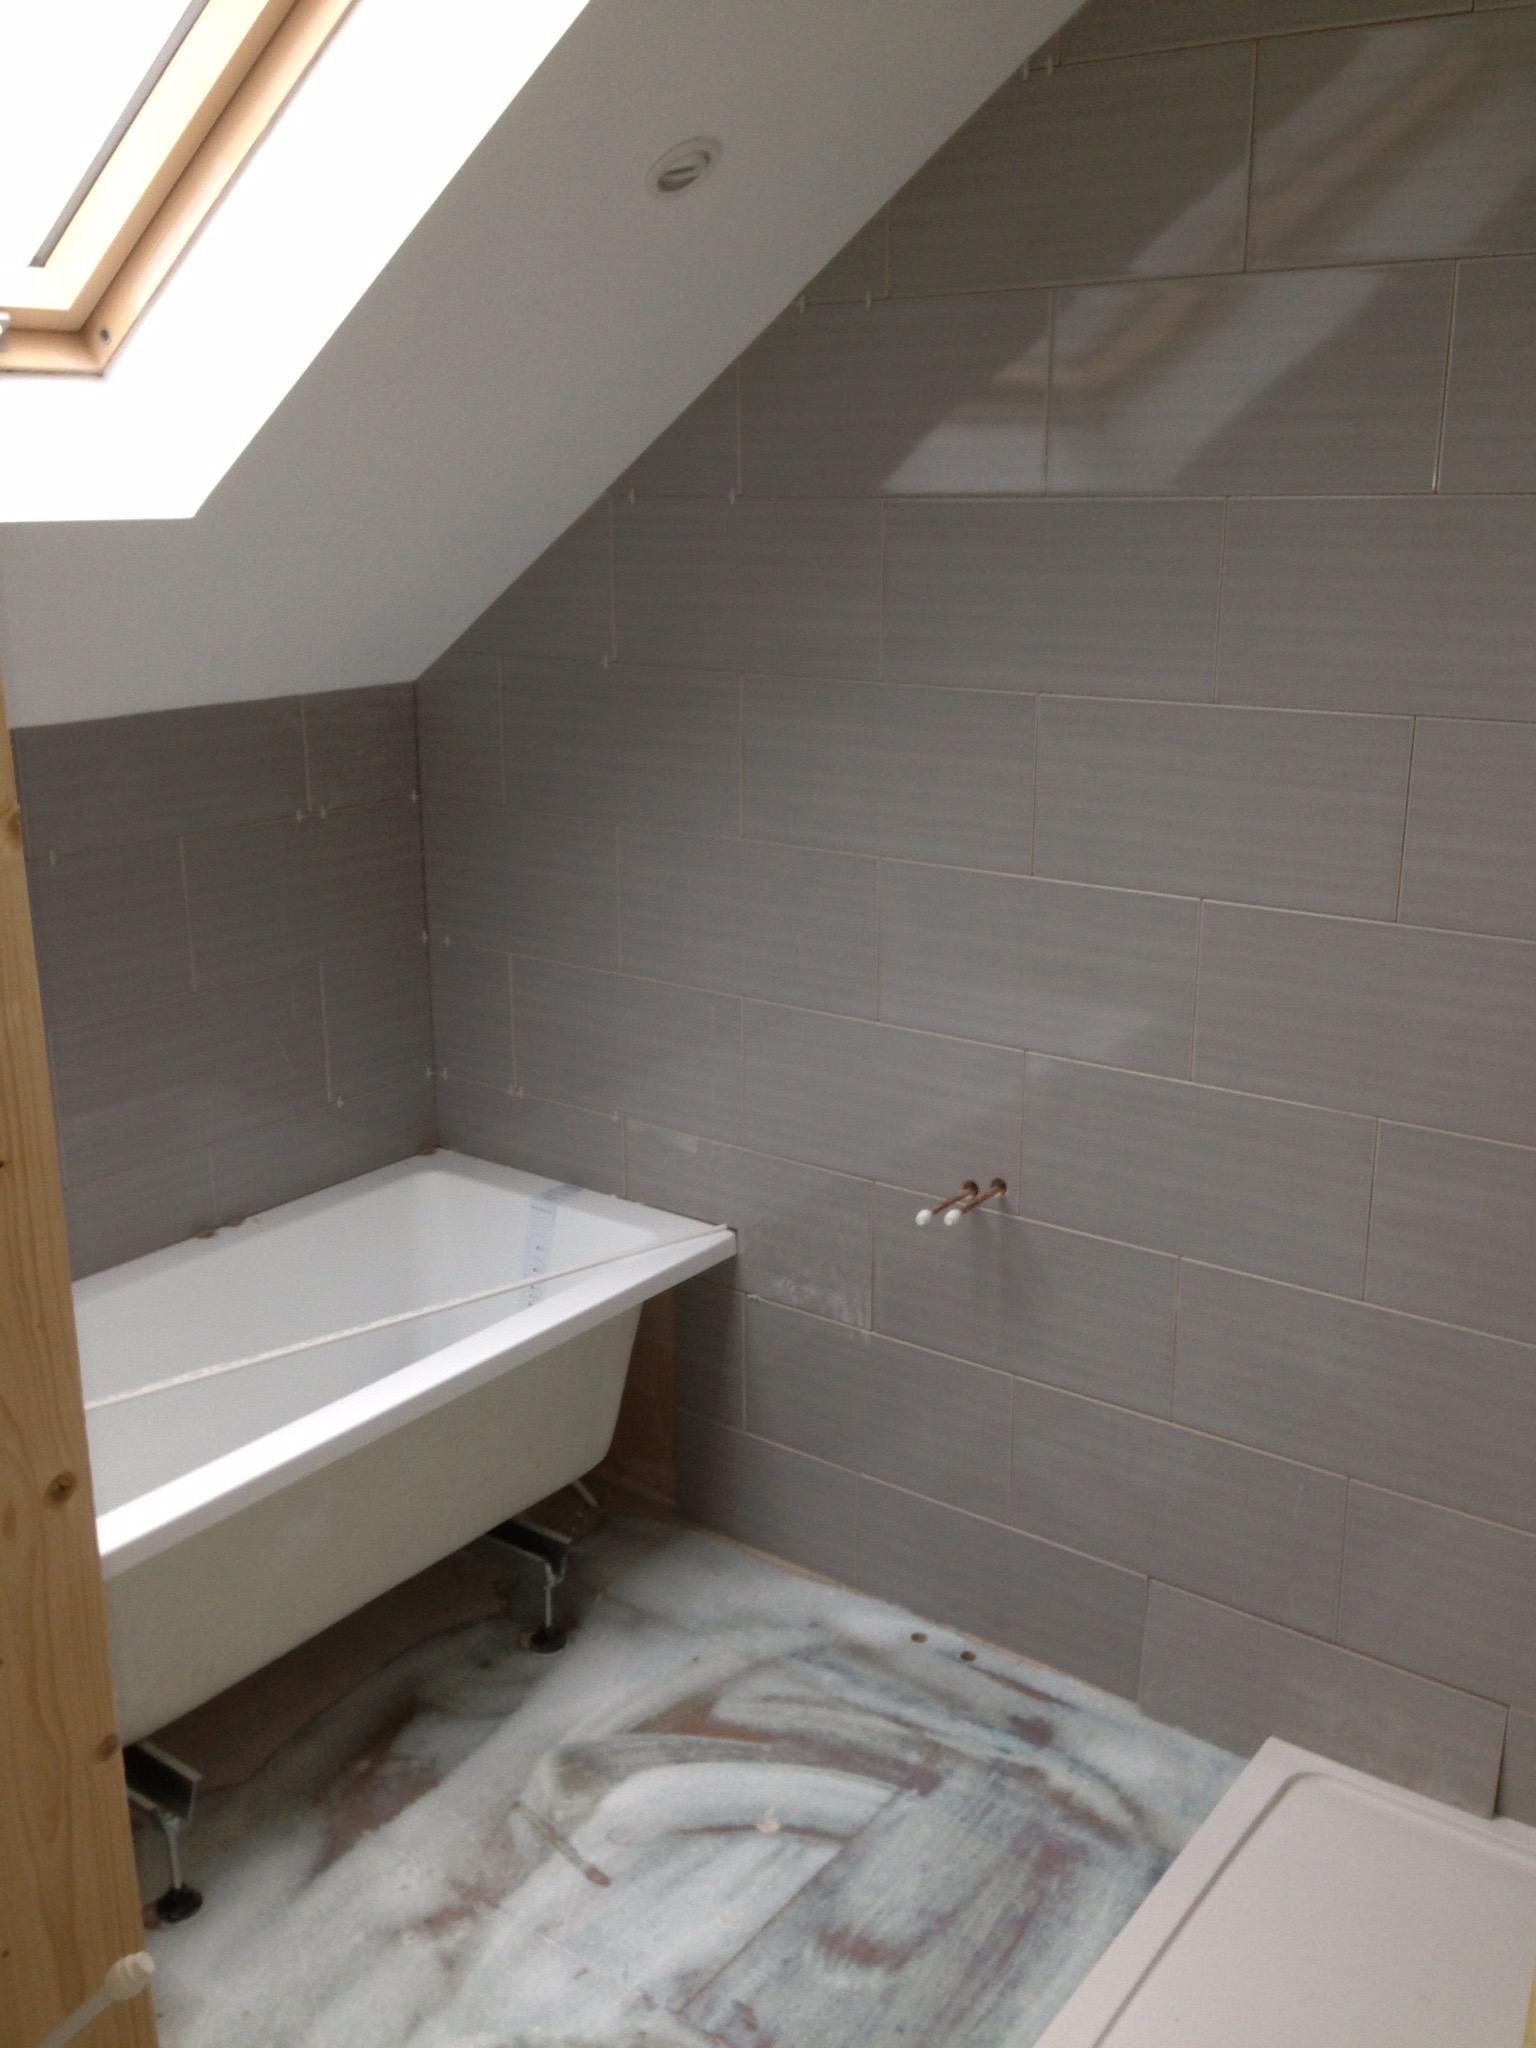 Kingswood Bathroom G B Dibden